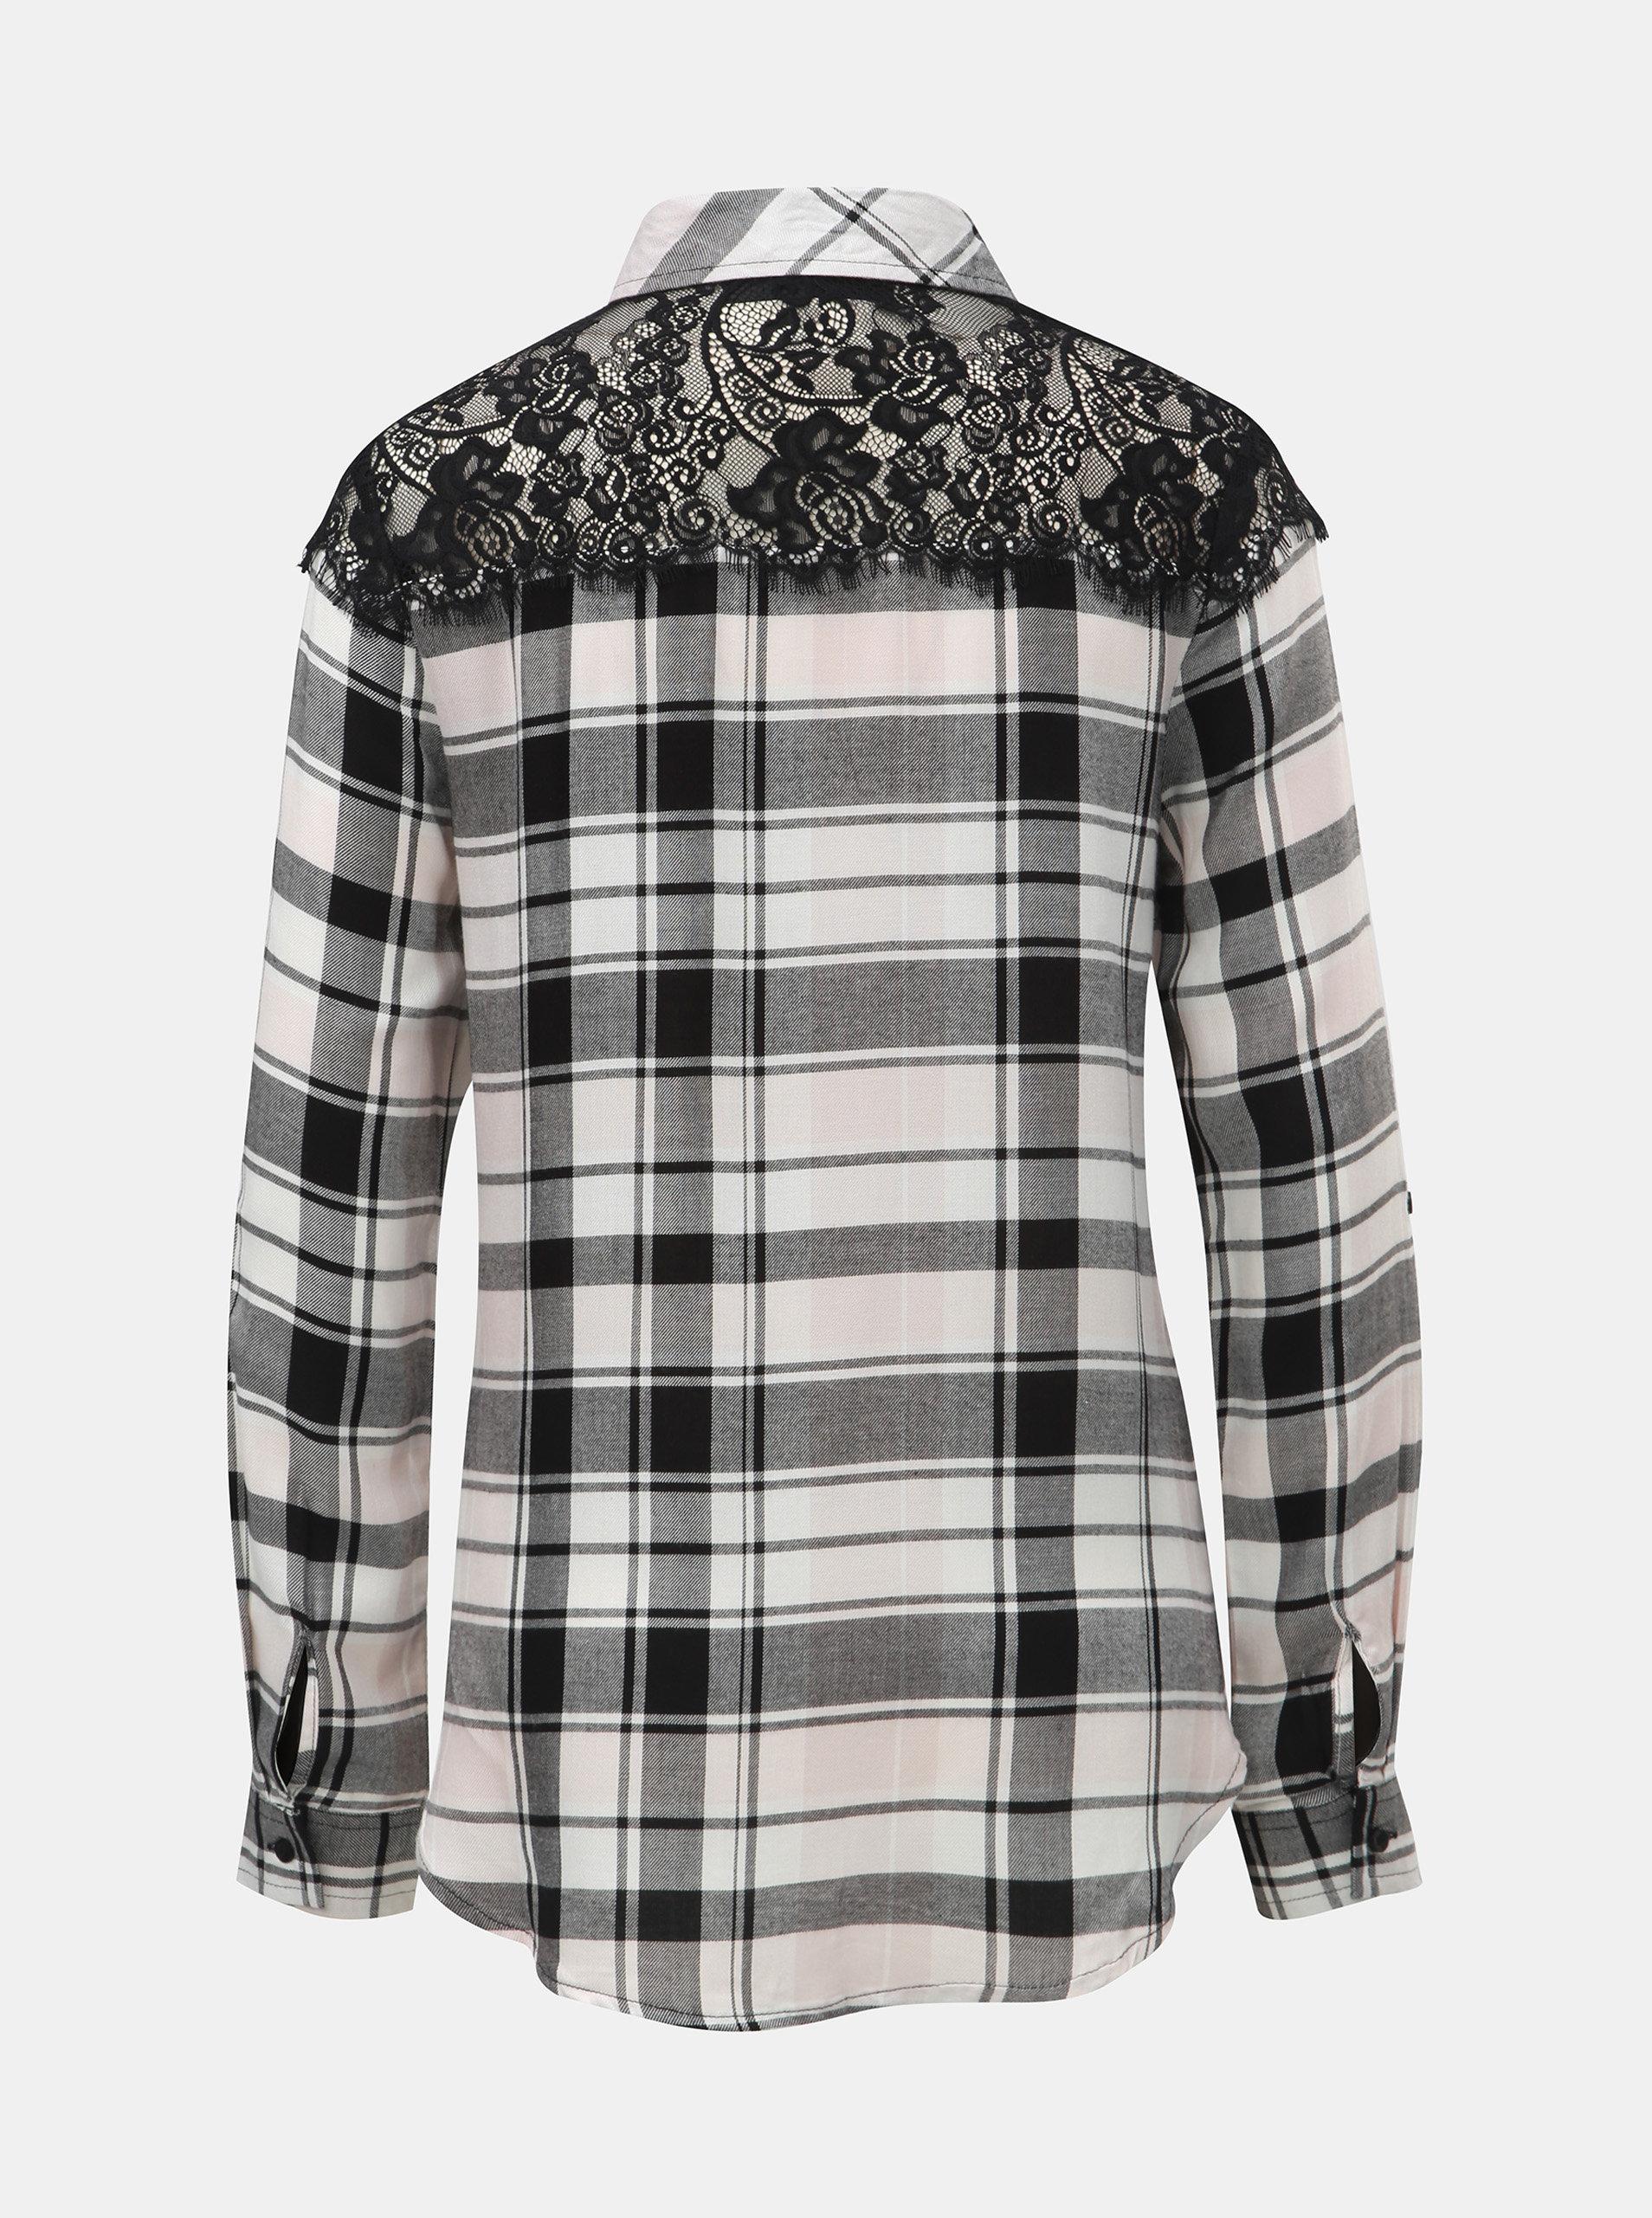 2904d2214624 Bielo–čierna károvaná košeľa s čipkou na ramenách TALLY WEiJL ...